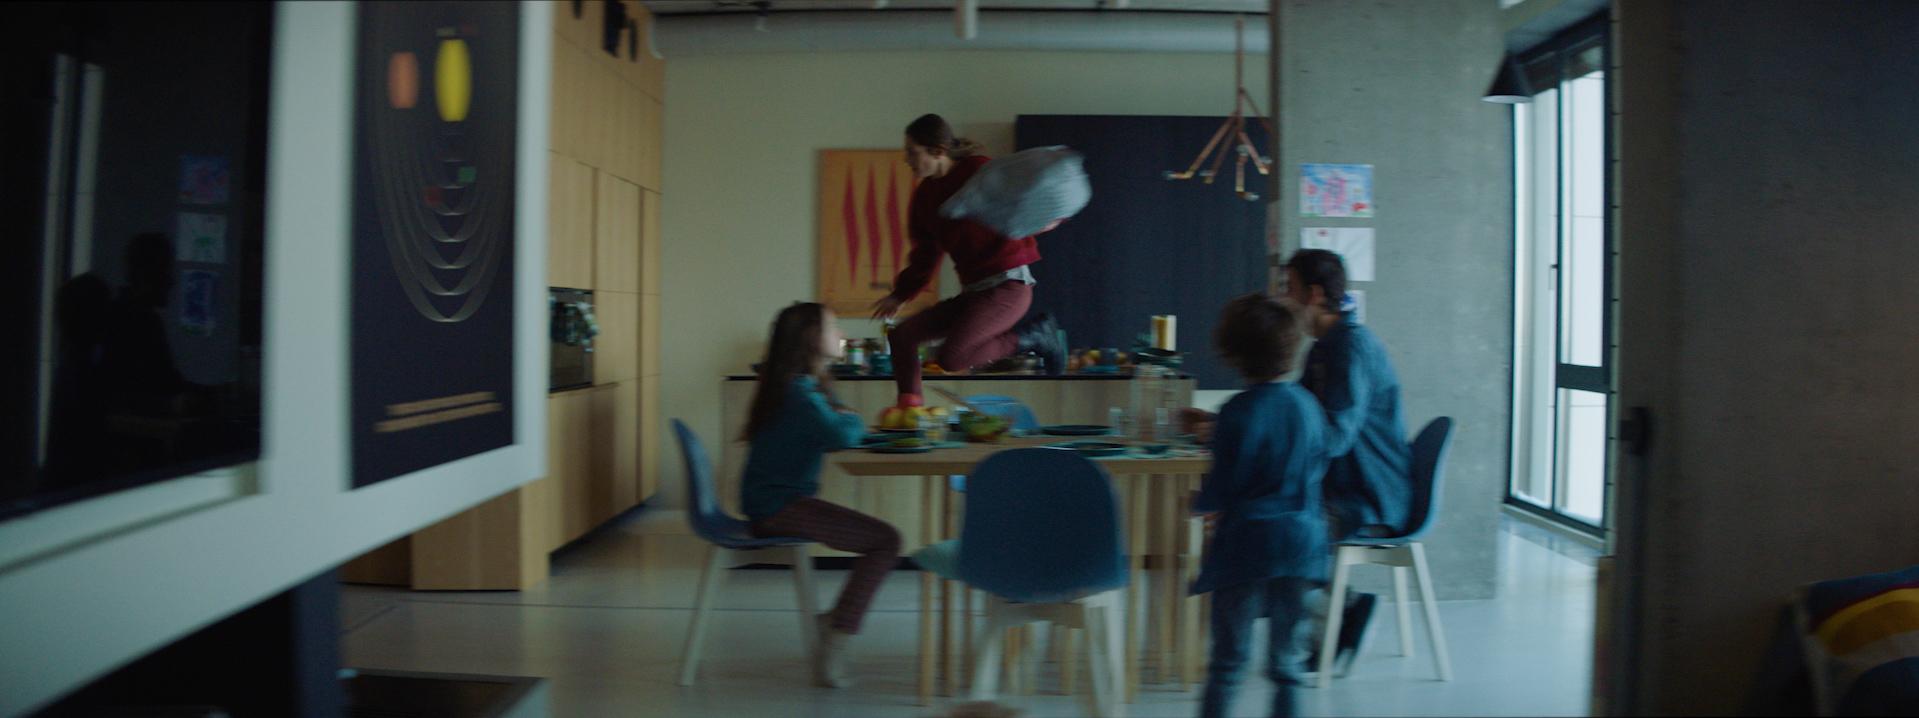 Apartment Leap - v5 - Director's Cut  (LOWER LIGHT).00_00_09_10.Still005.jpg